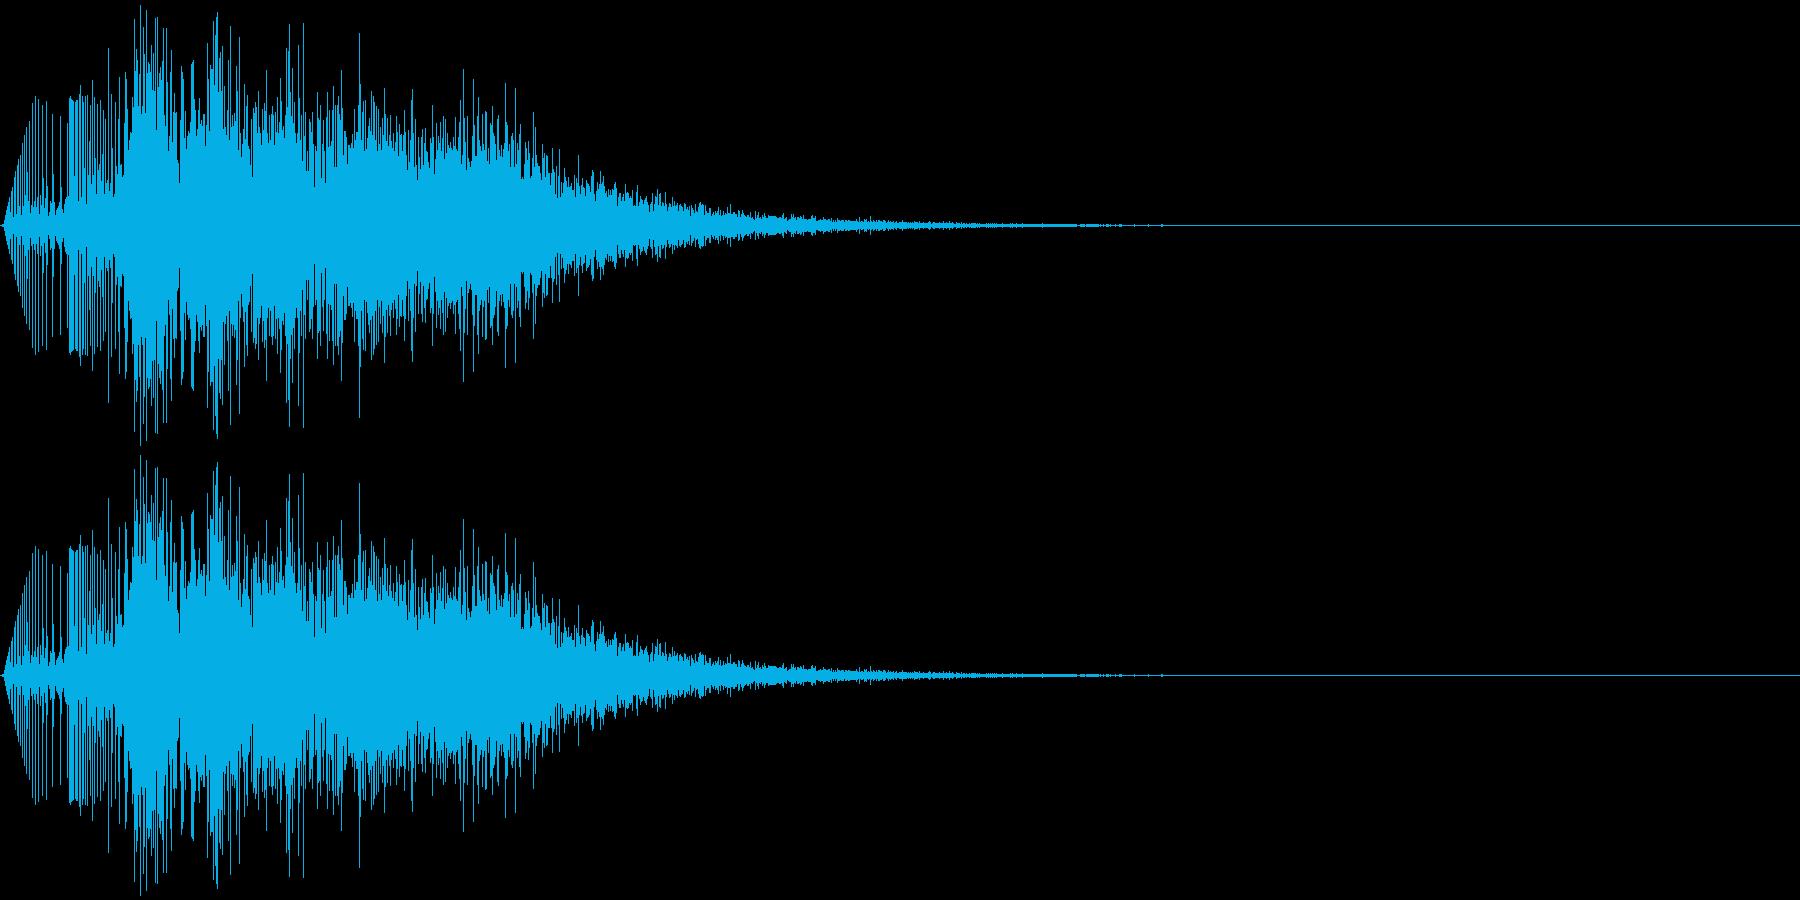 ゲームで使う事を想定した「爆発」「消滅…の再生済みの波形